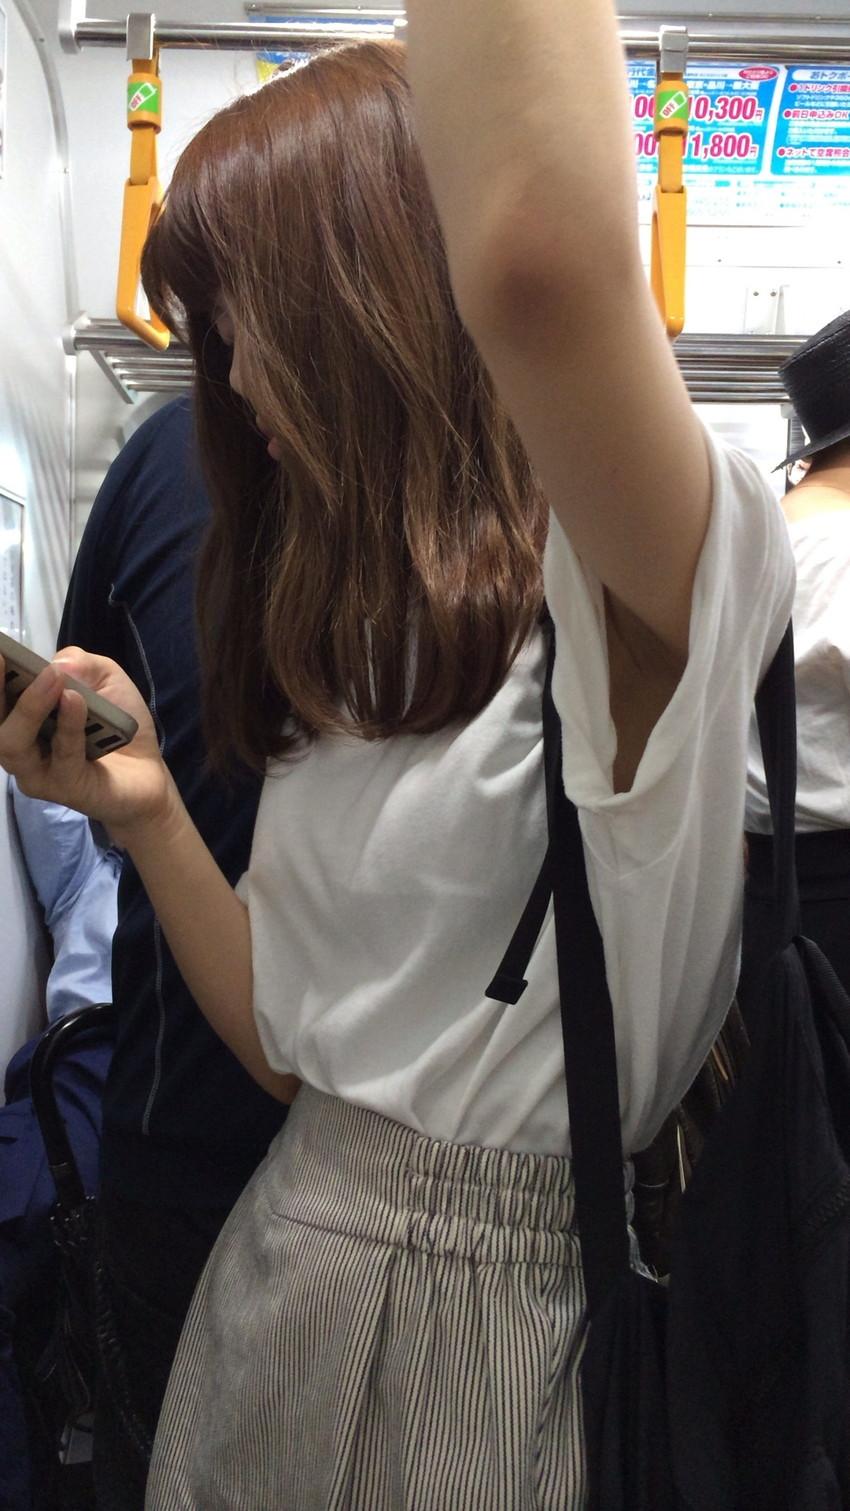 【腋エロ画像】美女たちのジョリジョリ感があったり、毛がぼうぼうの脇フェチ画像www 18